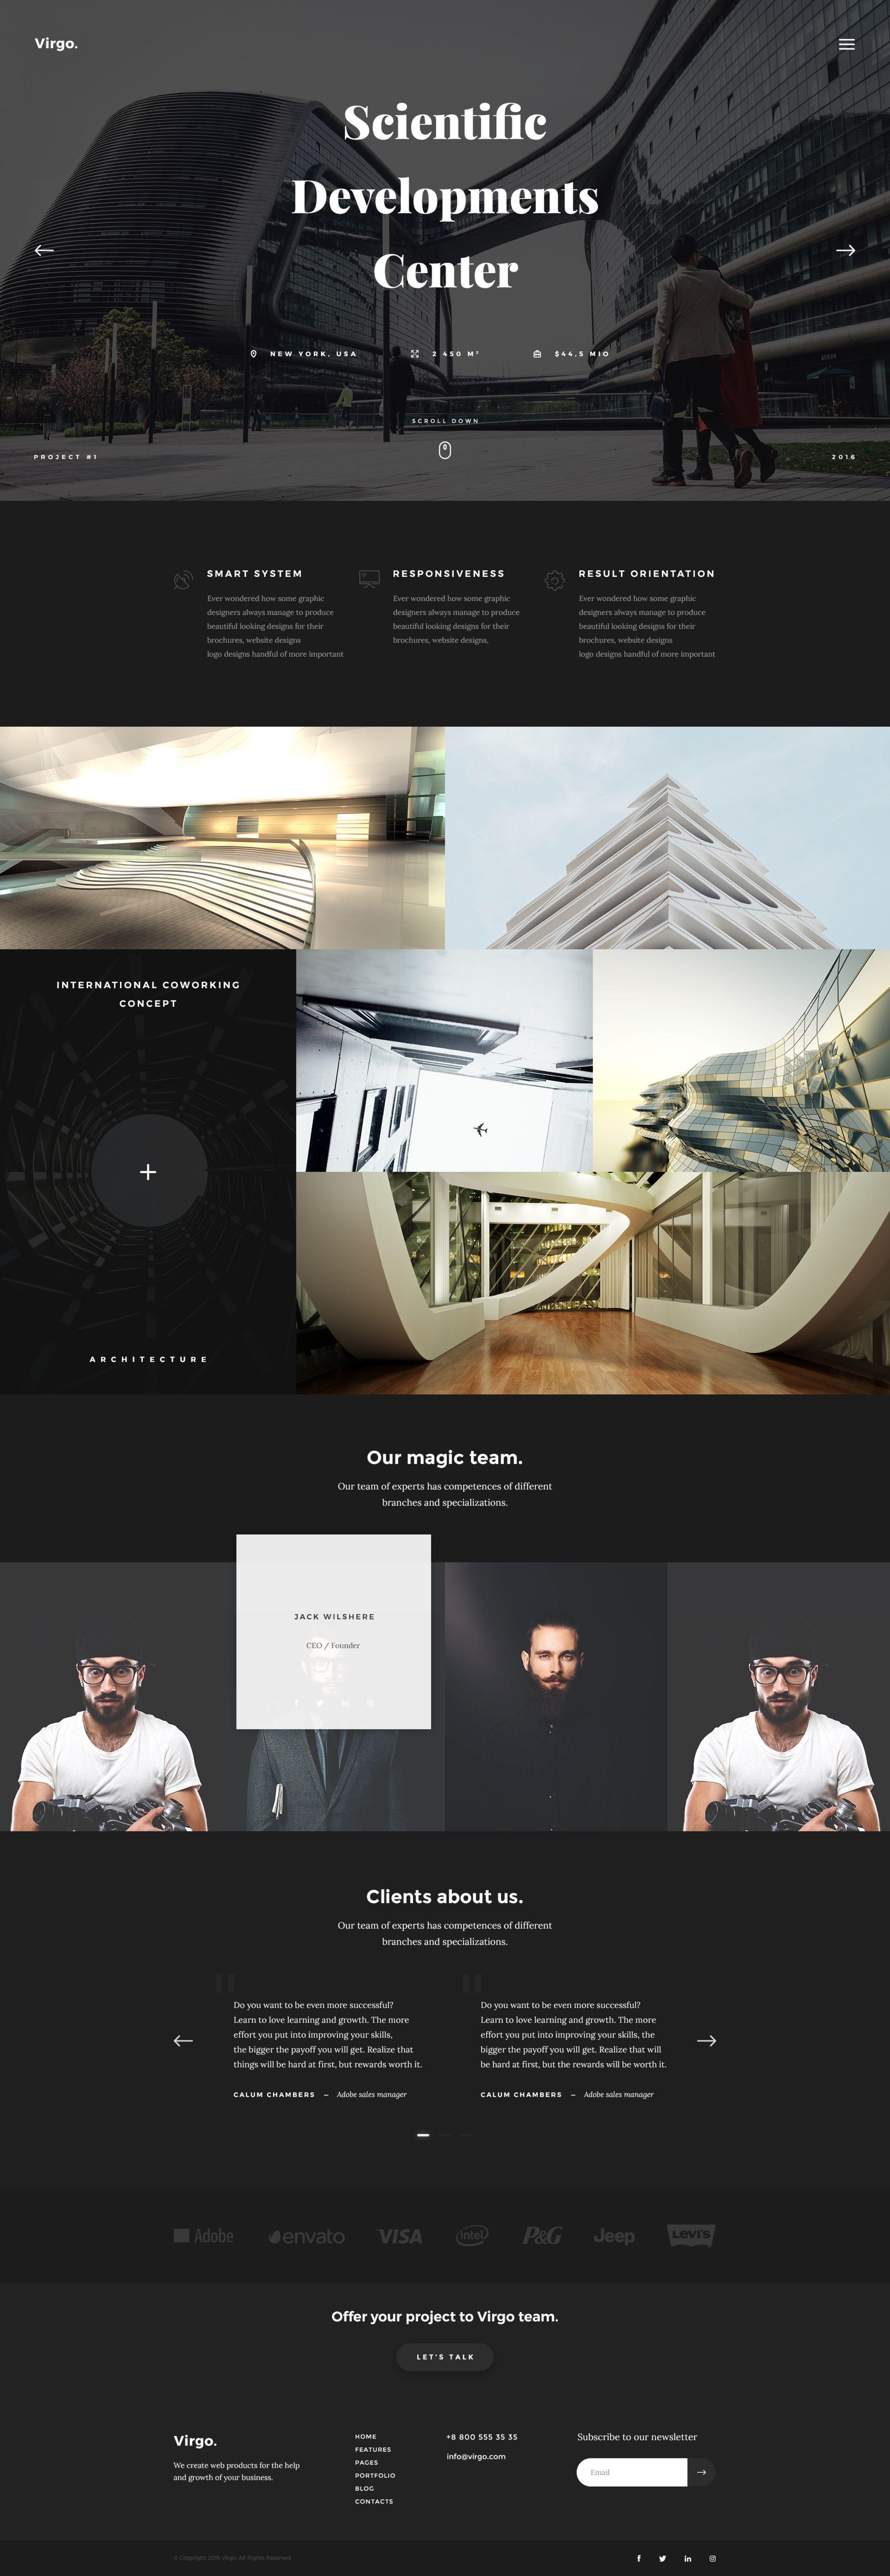 Virgo.Elegant PSD multipurpose web template Full /Live Preview ...